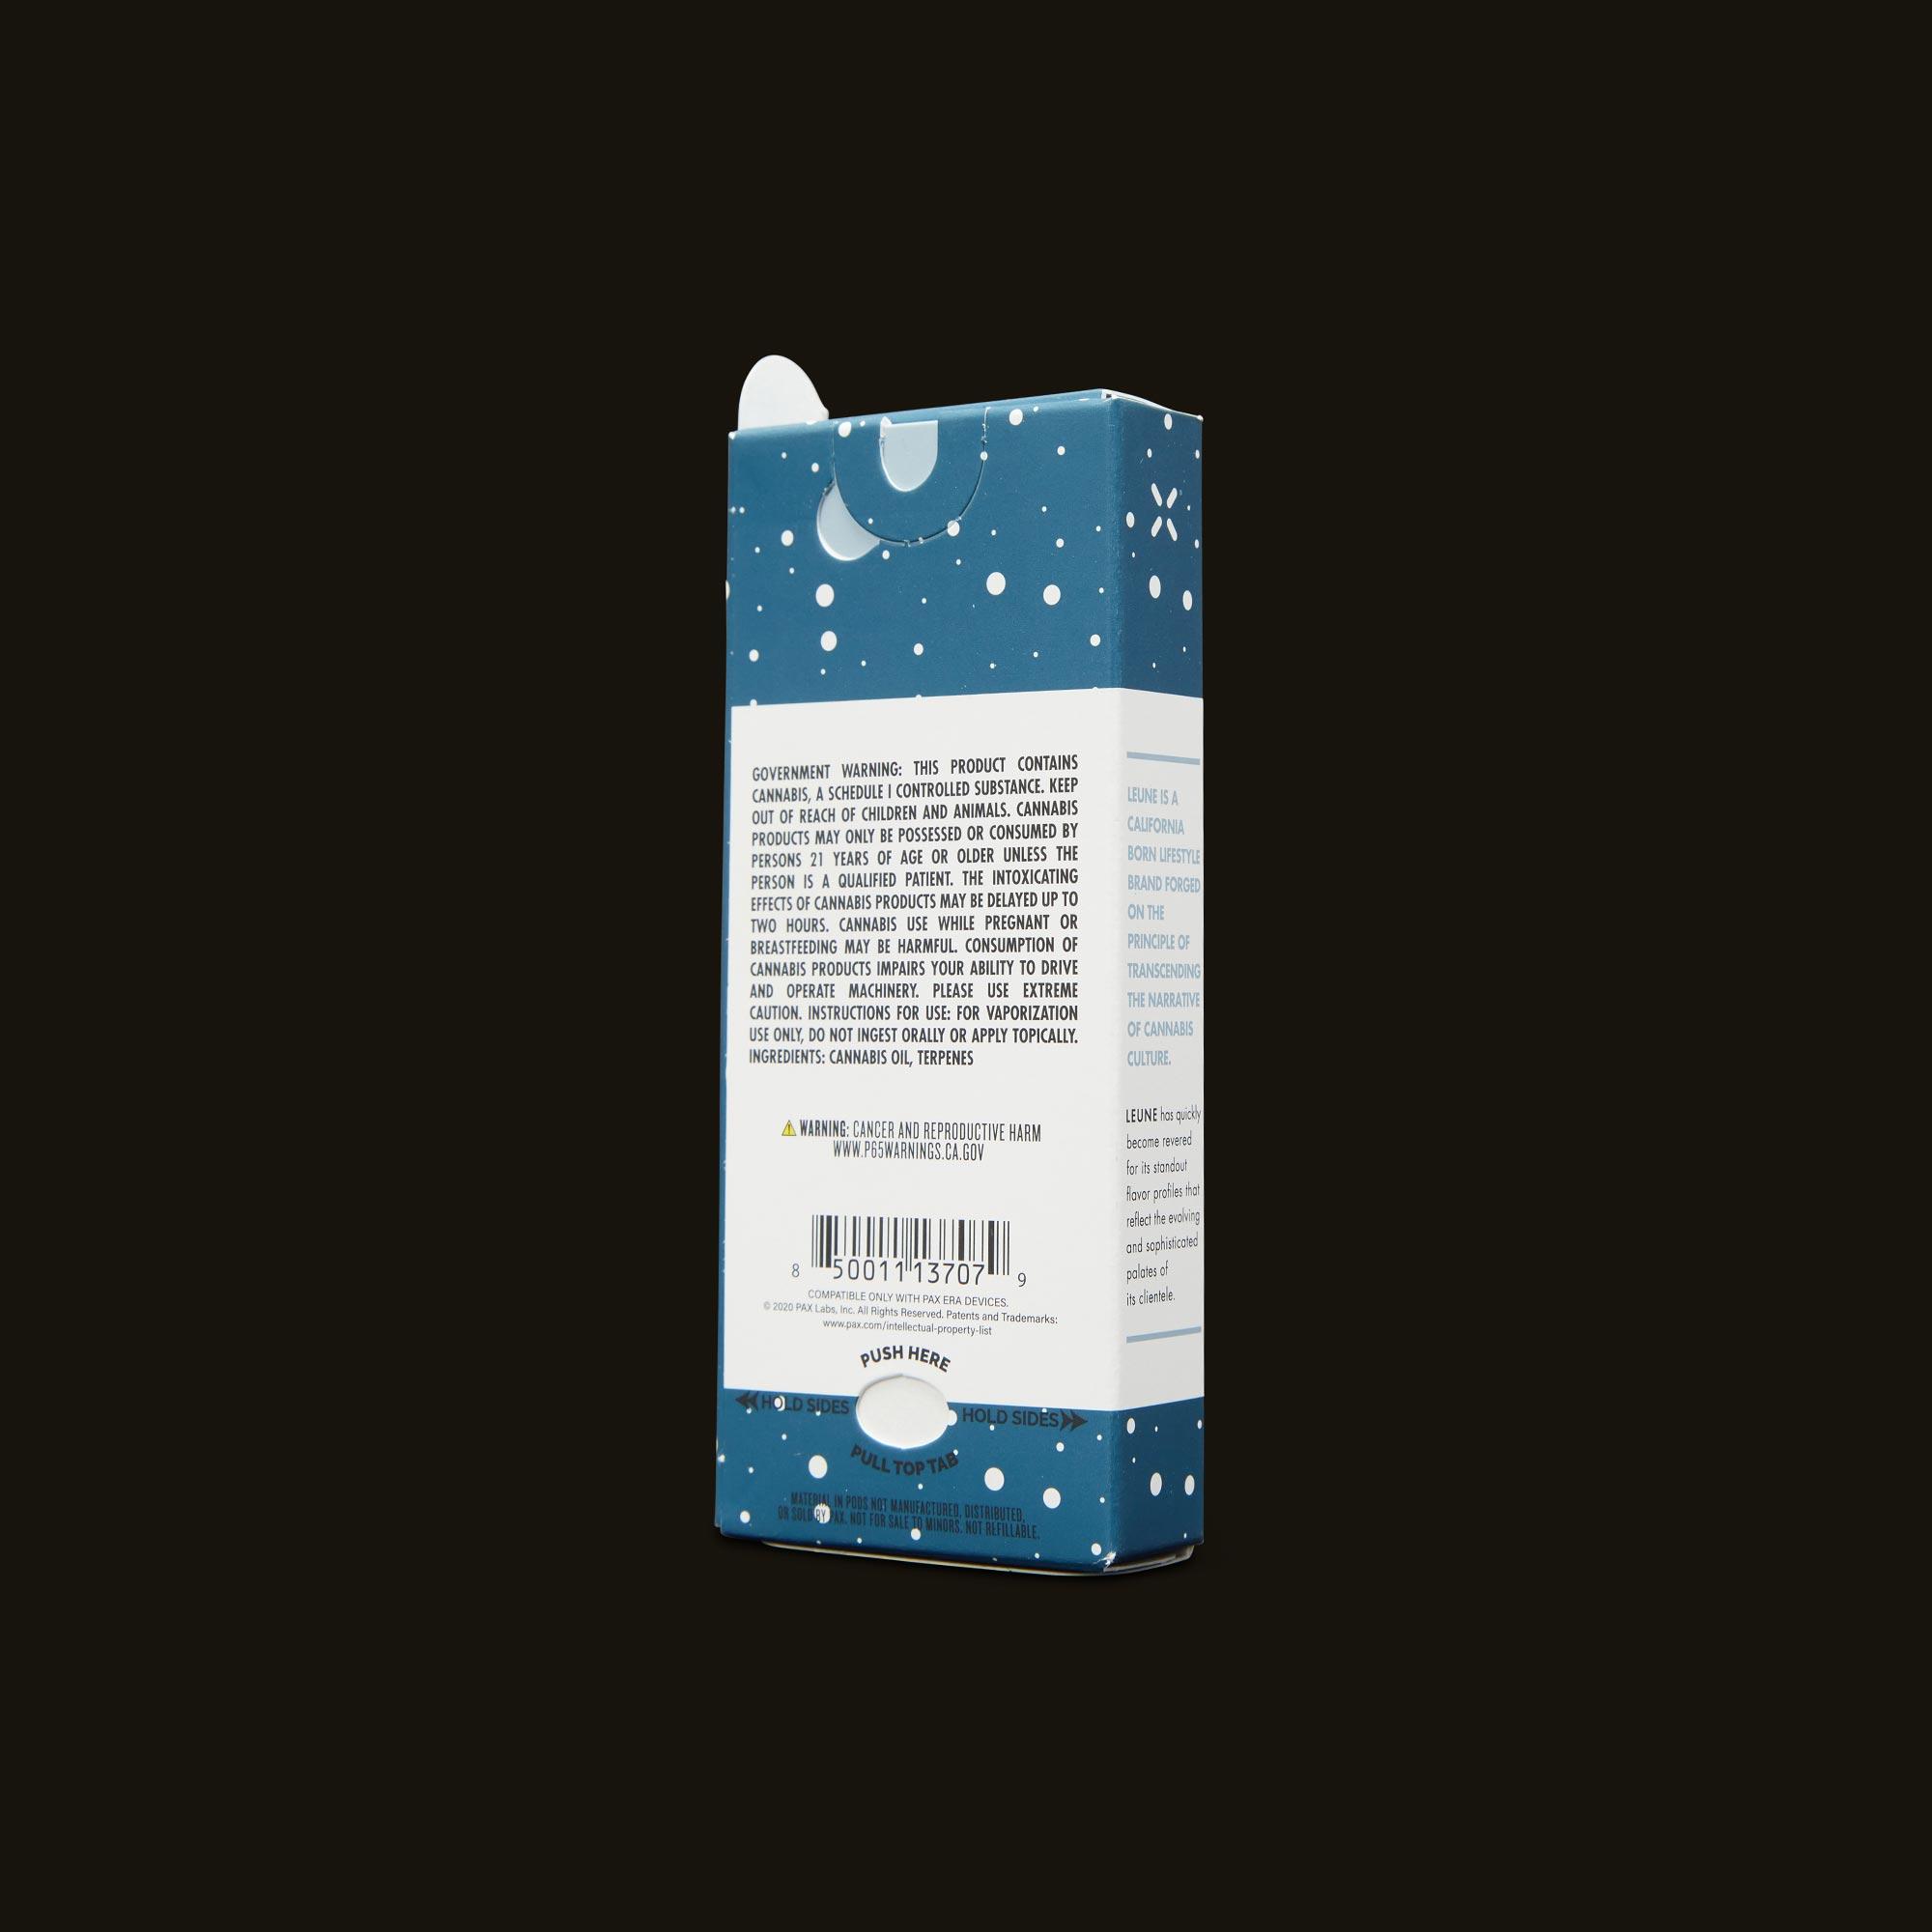 LEUNE Cloud Berry PAX Era Pod Back Packaging